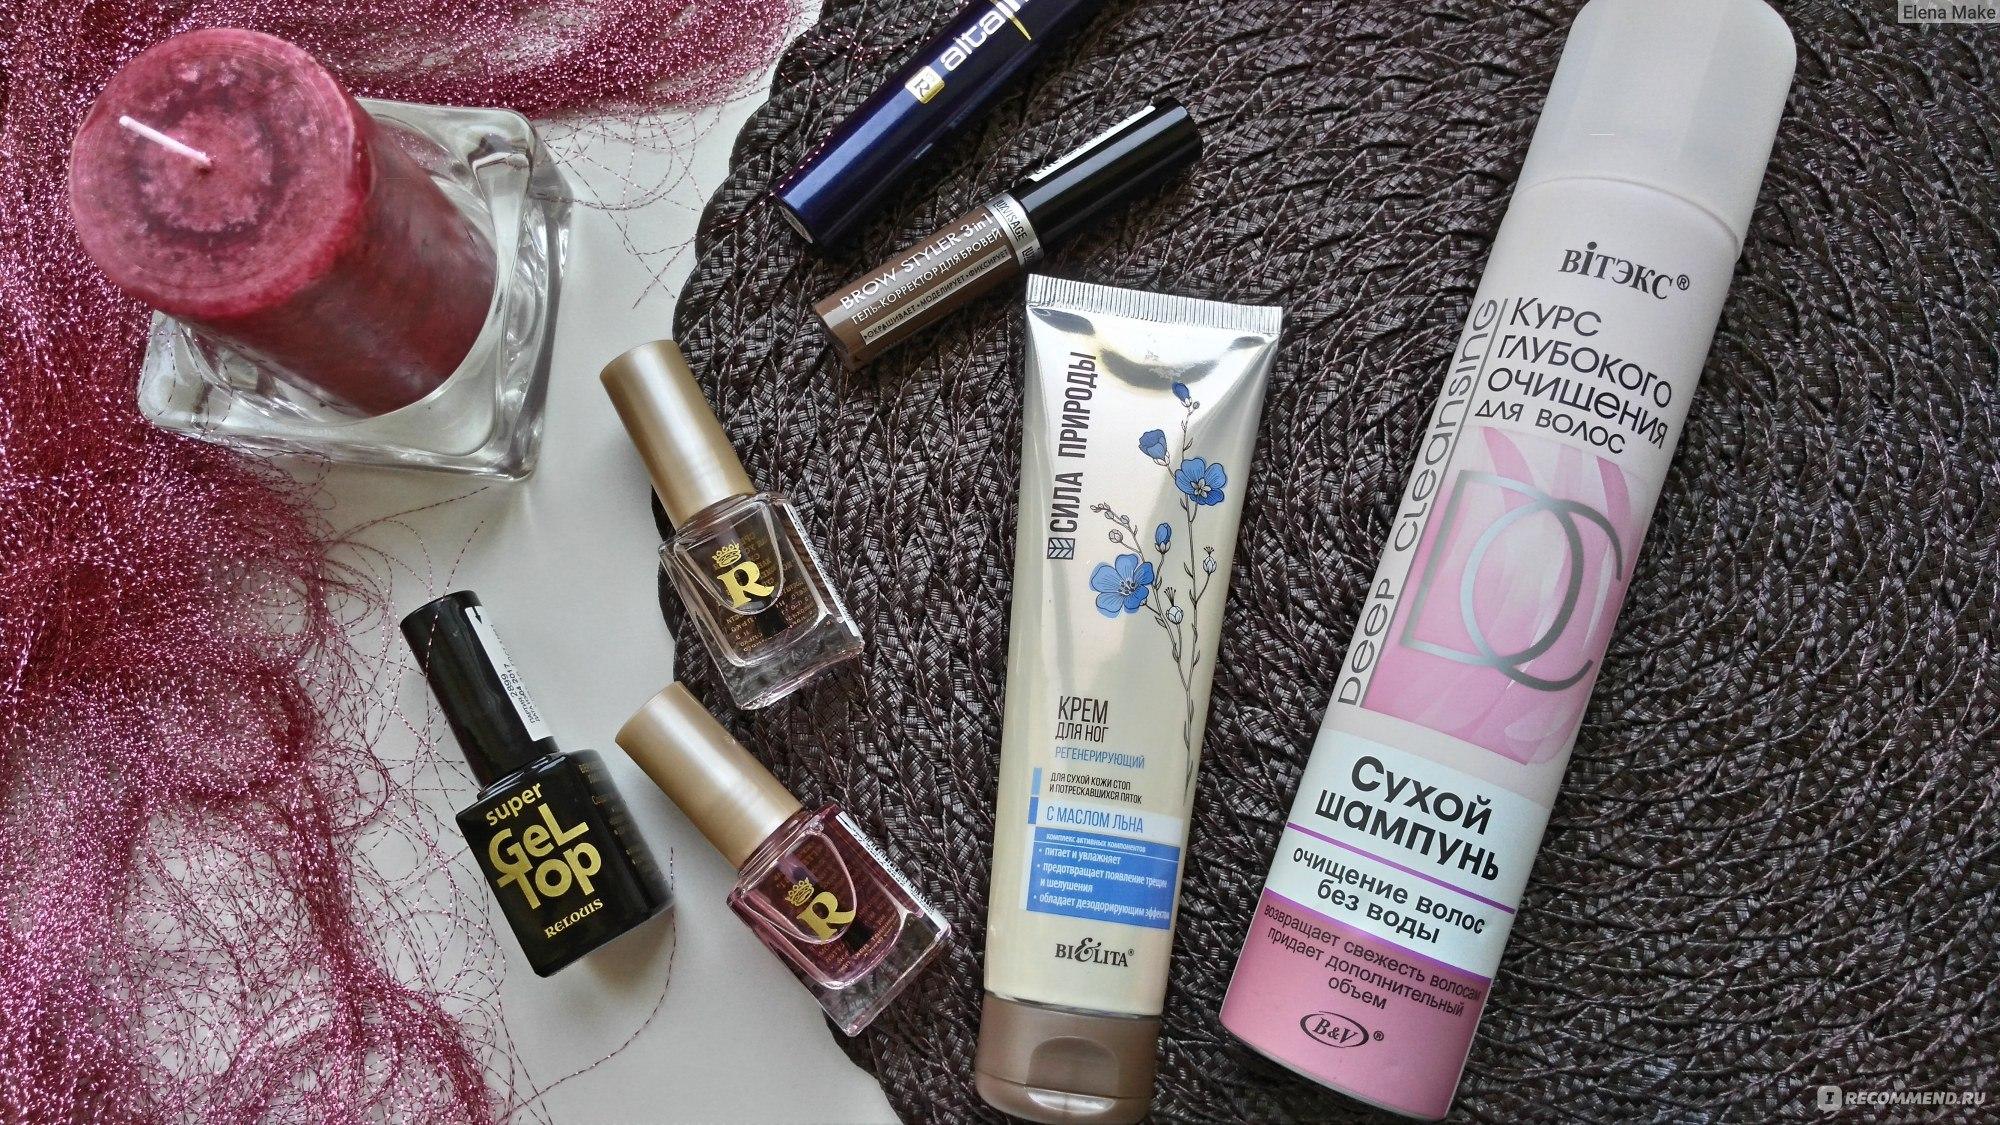 Купить белорусскую косметику в сочи плантерс косметика купить минск